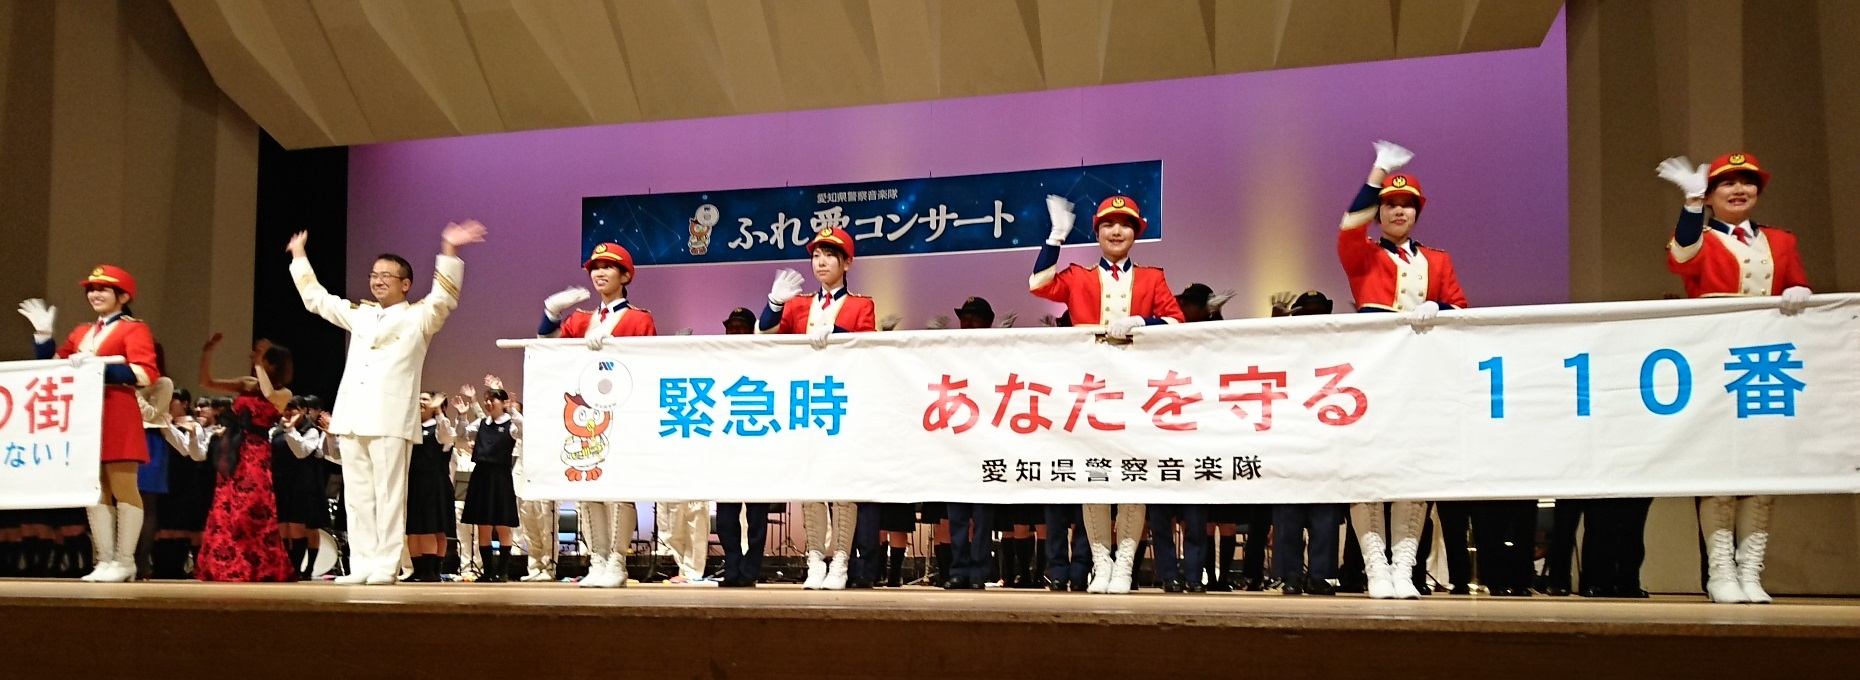 2016.12.10 愛知県警察音楽隊ふれ愛コンサート (4) 1860-680